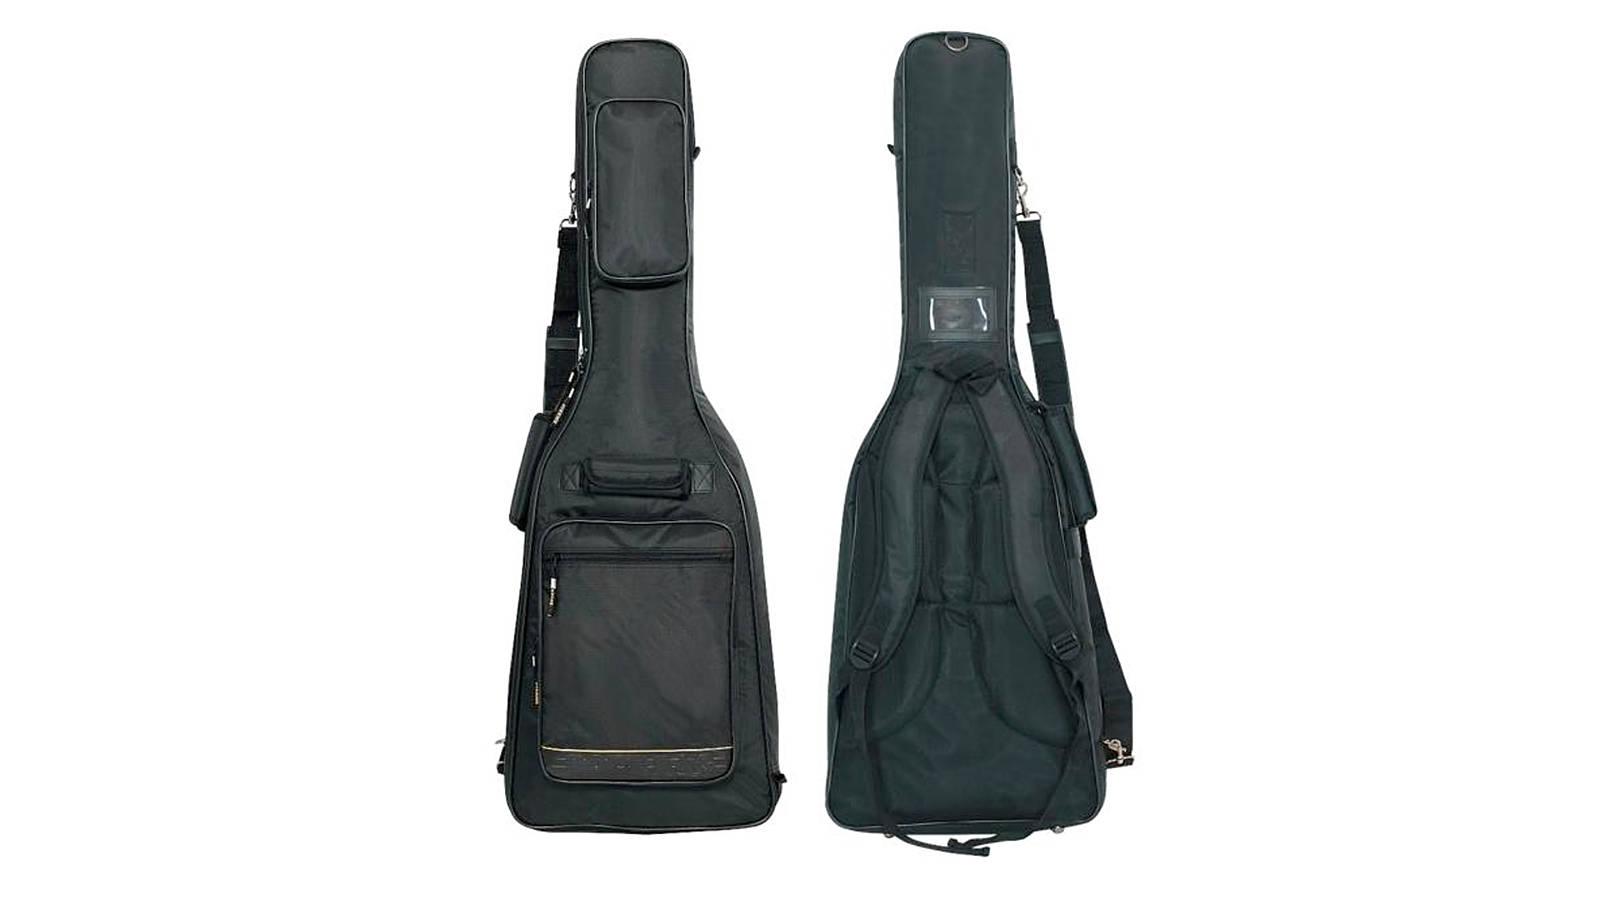 RockBag RB 20506 B Deluxe Line E-Gitarren Gig Bag